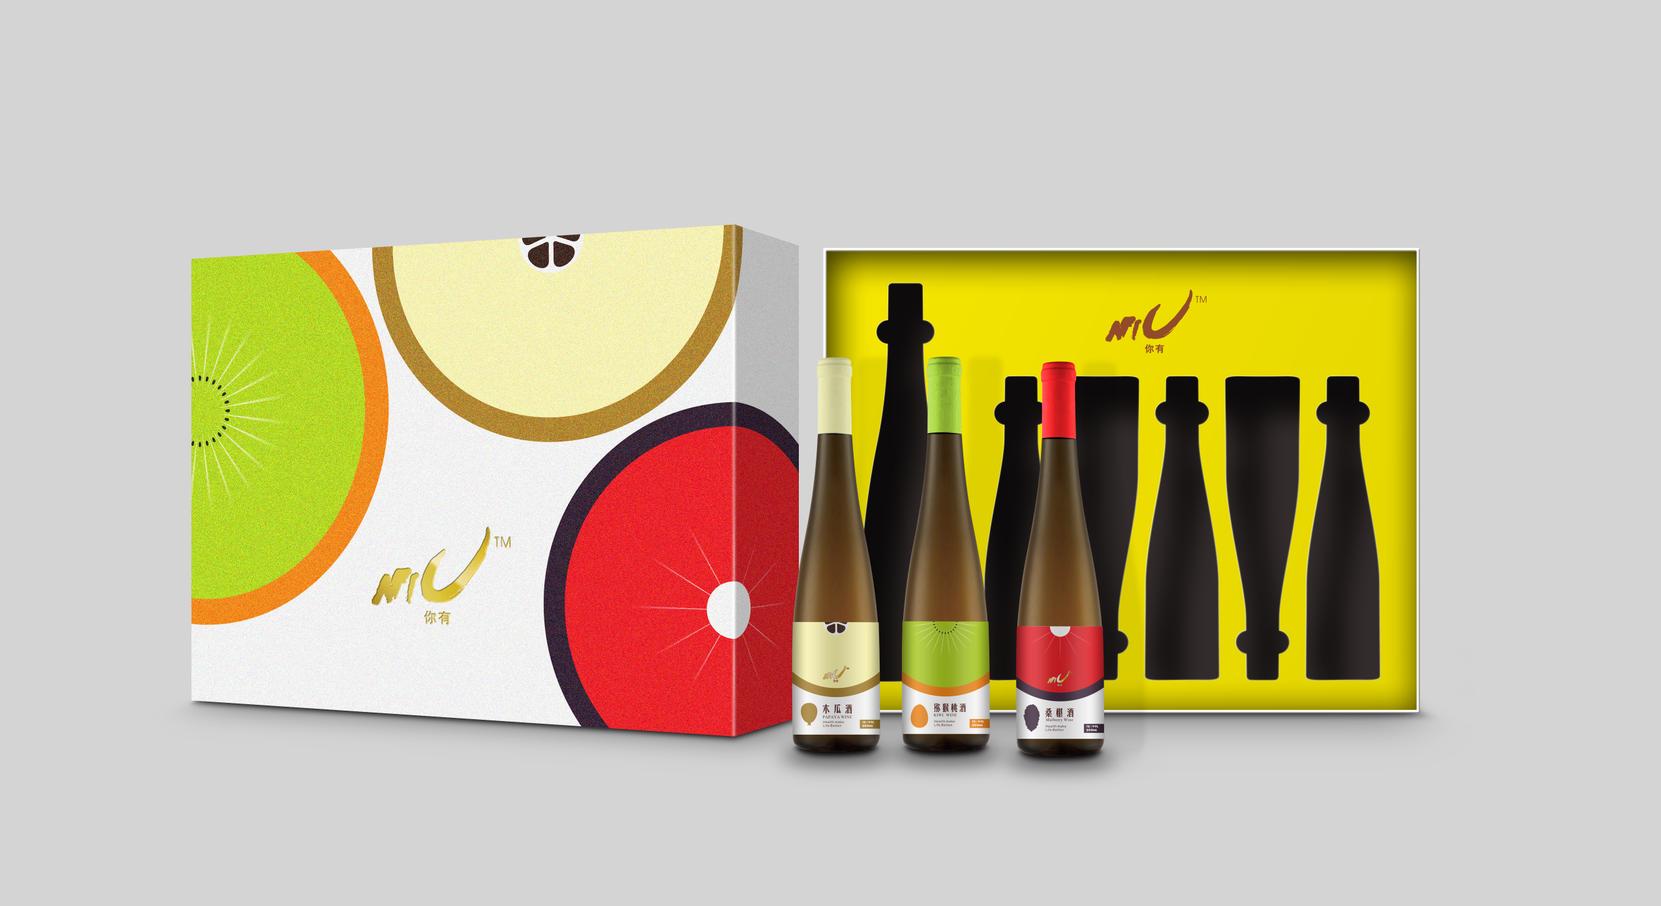 果酒全套包装设计